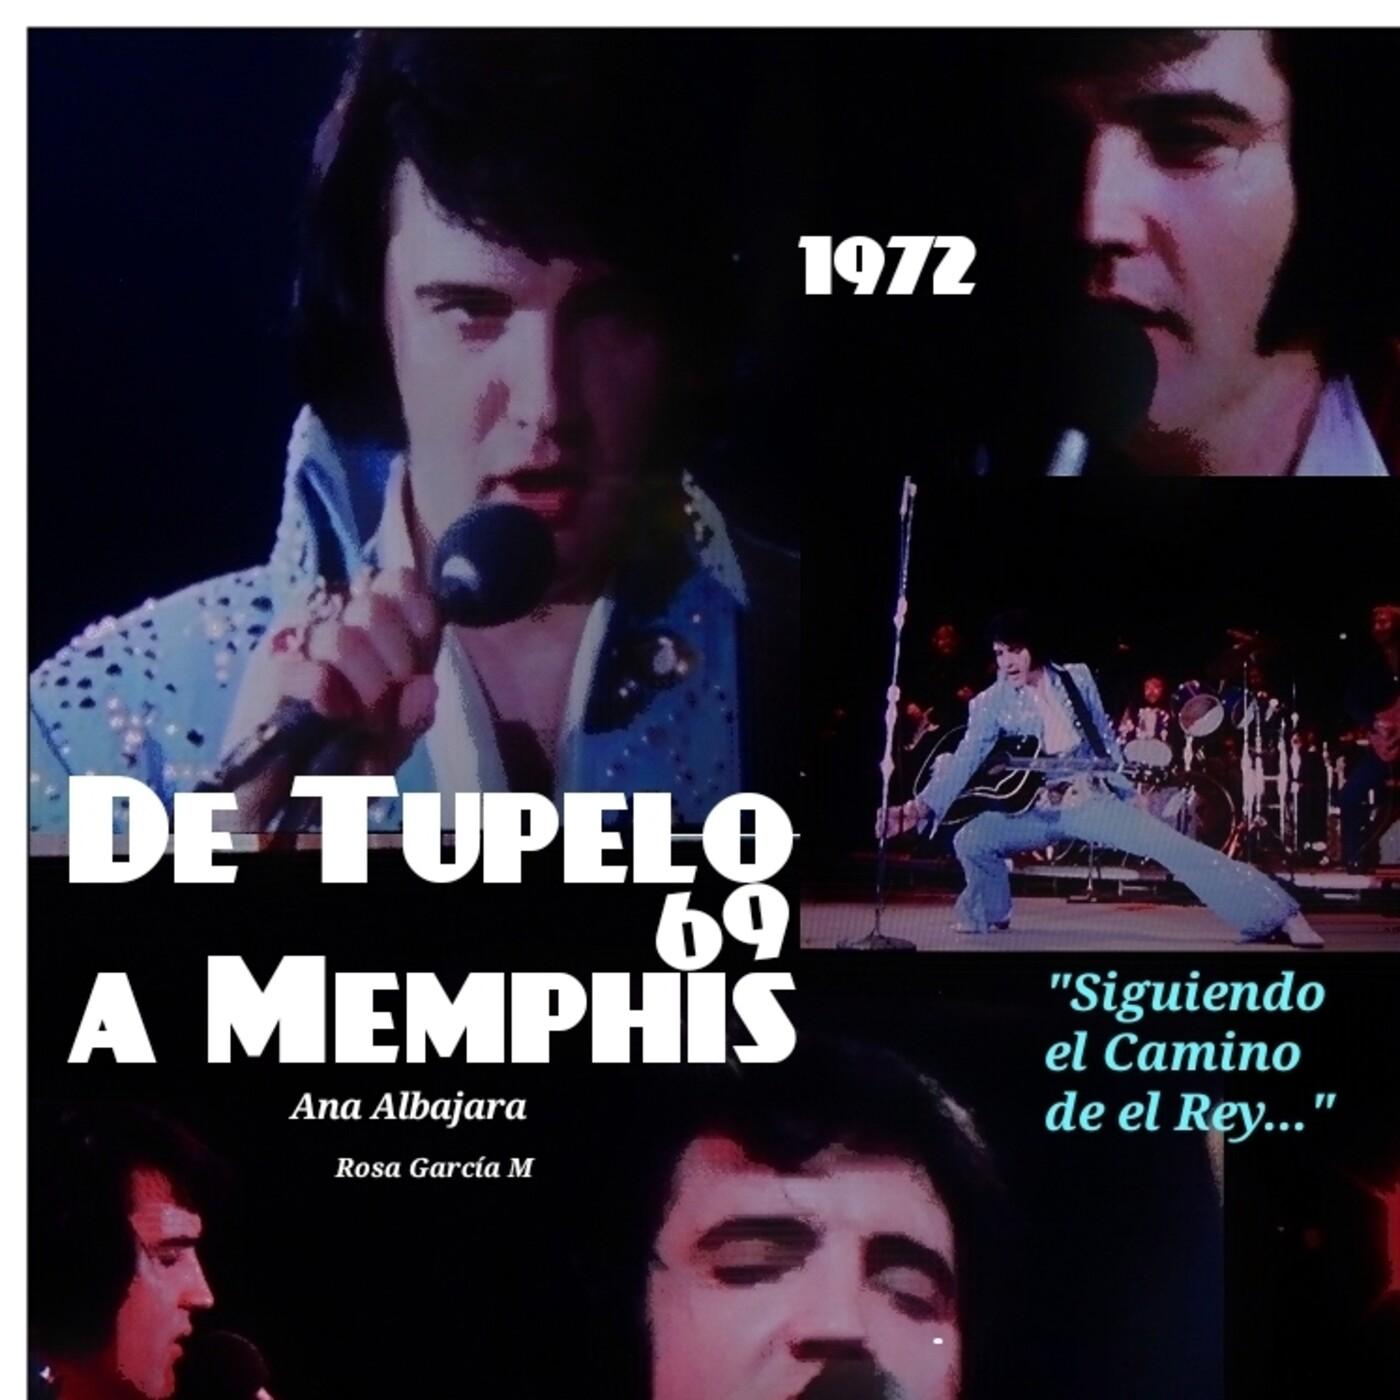 De Tupelo a Memphis 69. Elvis On Tour. The concerts.